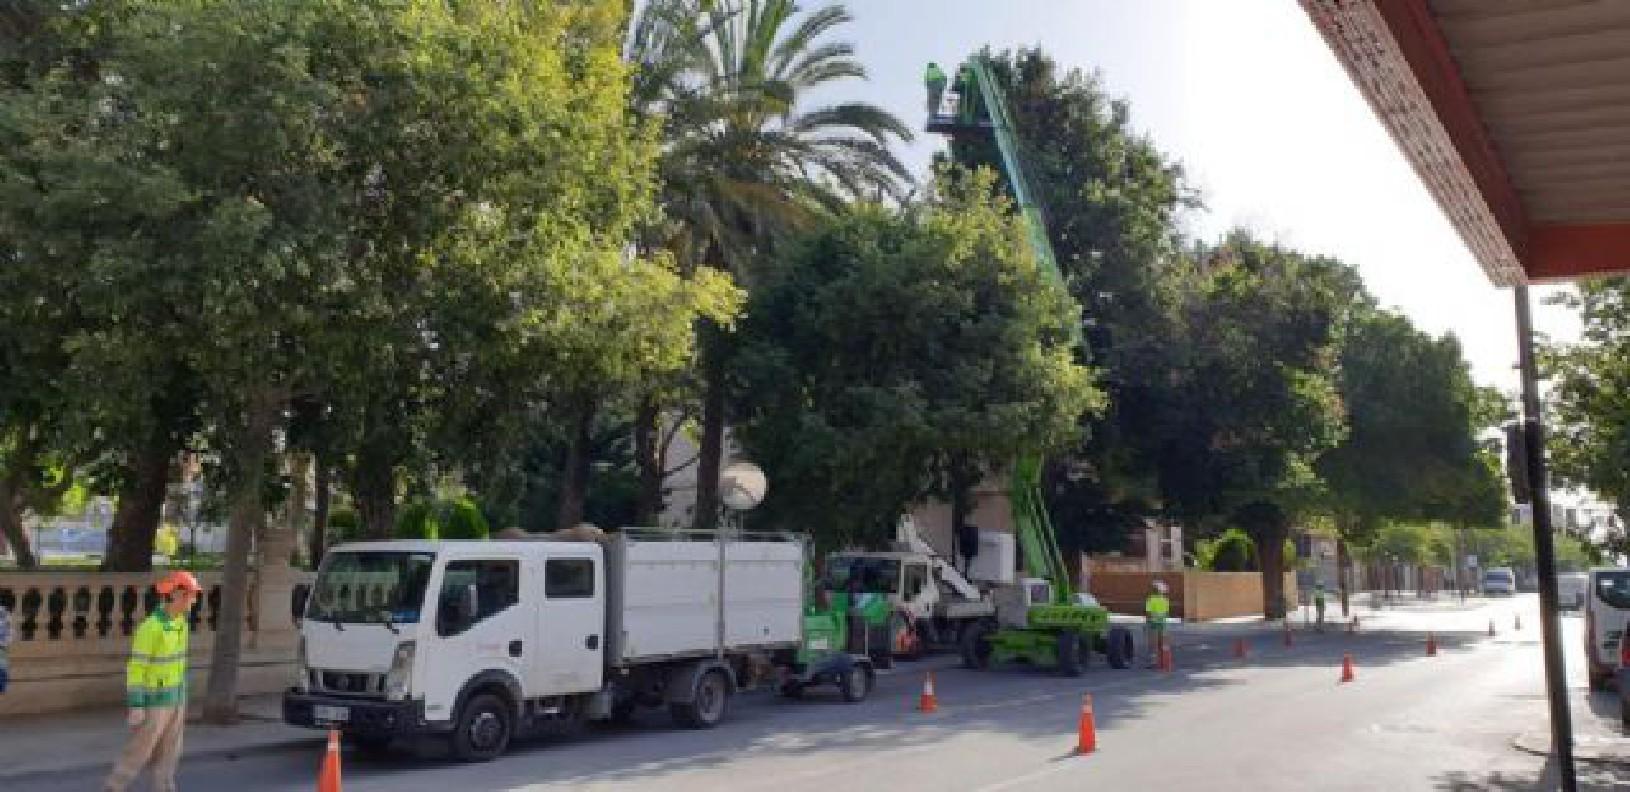 El Ayuntamiento lleva a cabo una revisión exhaustiva del arbolado urbano de gran porte para prevenir caídas de ramas